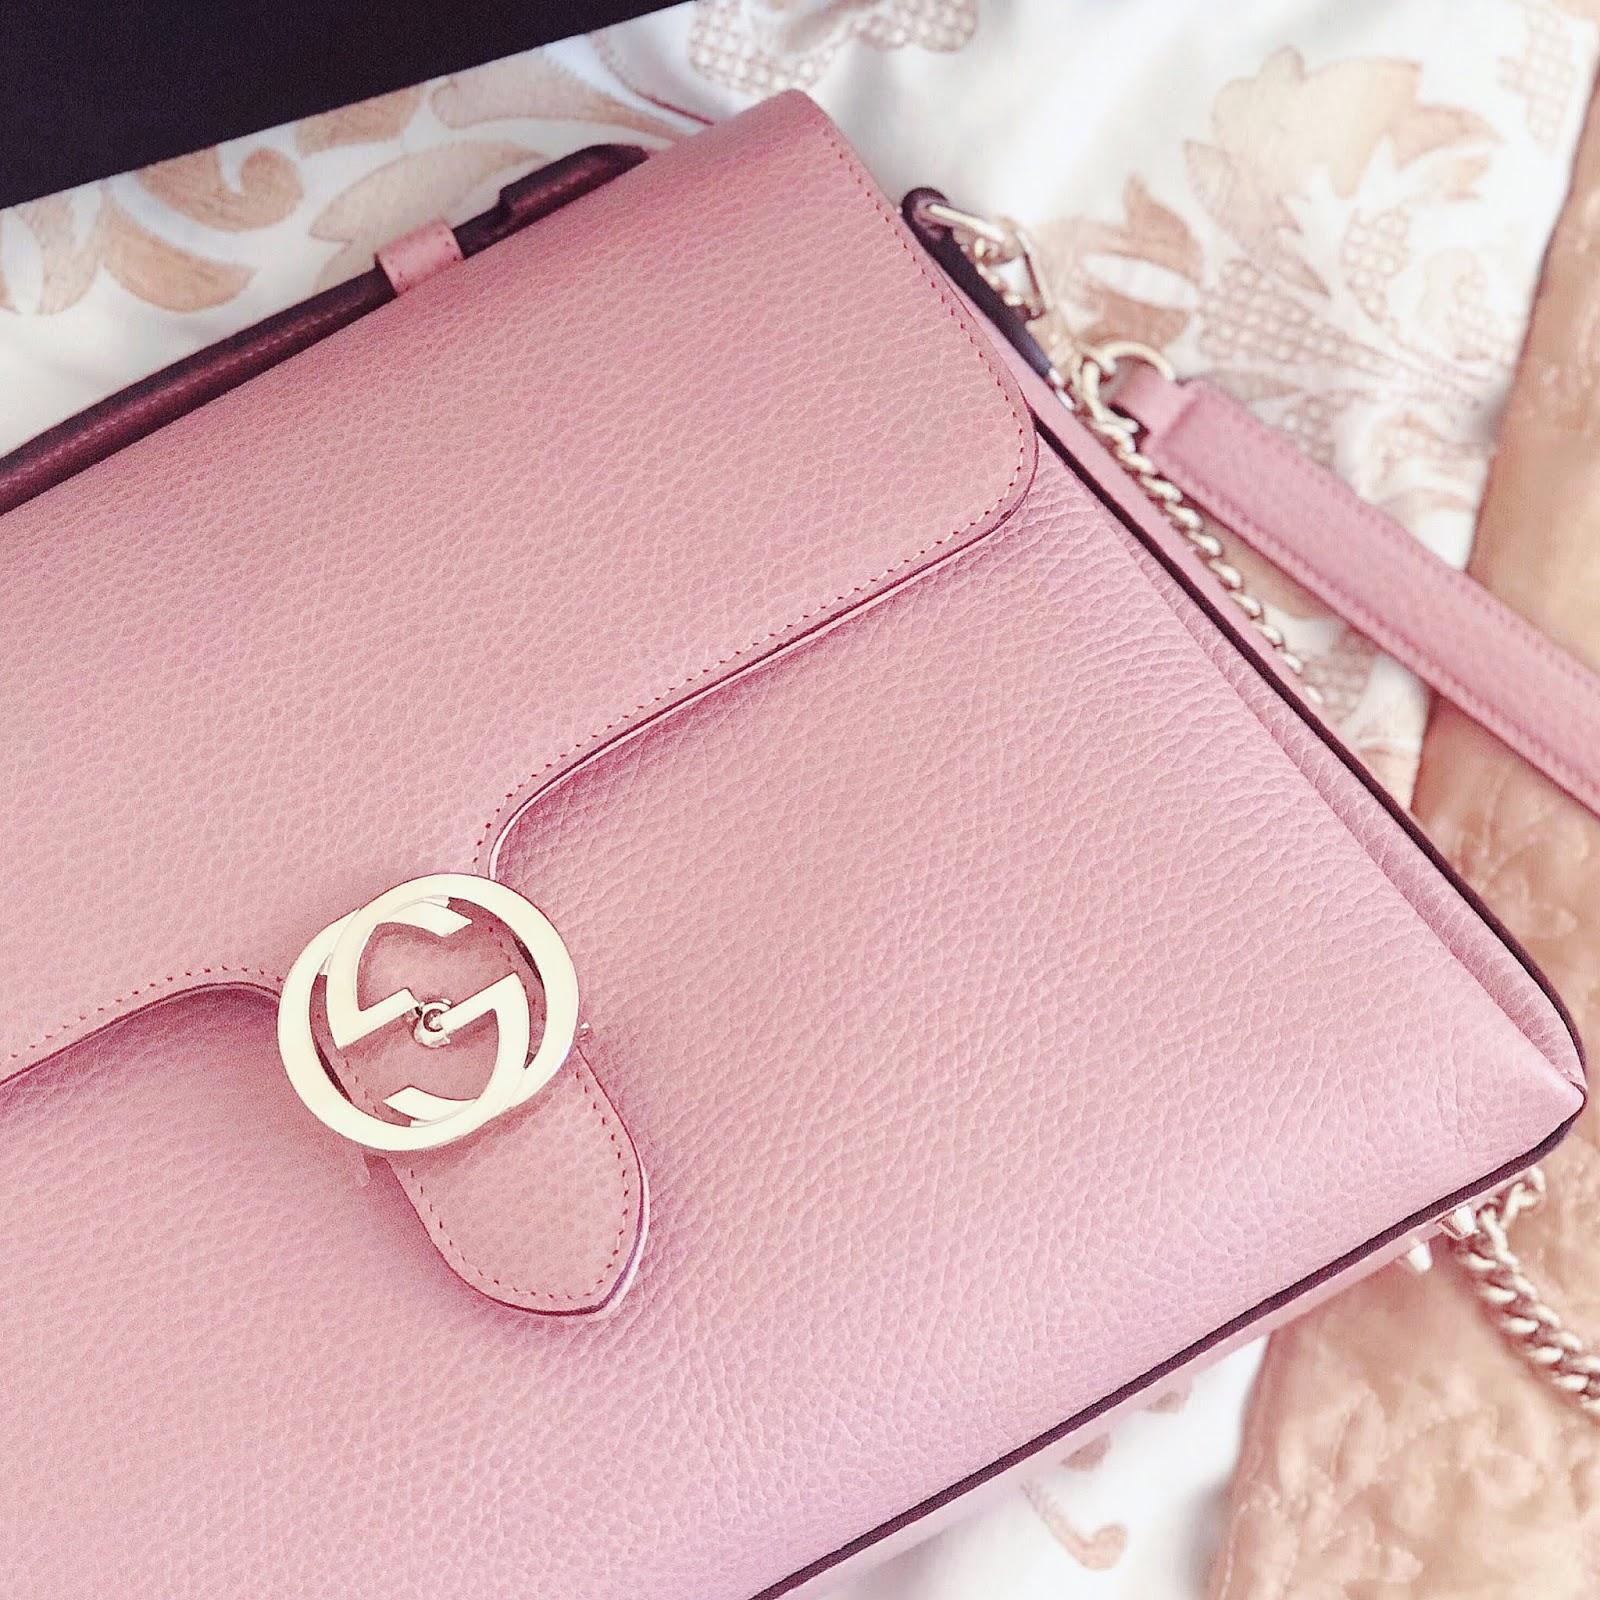 My Big Pink Gucci Haul www.ourdubailife.com